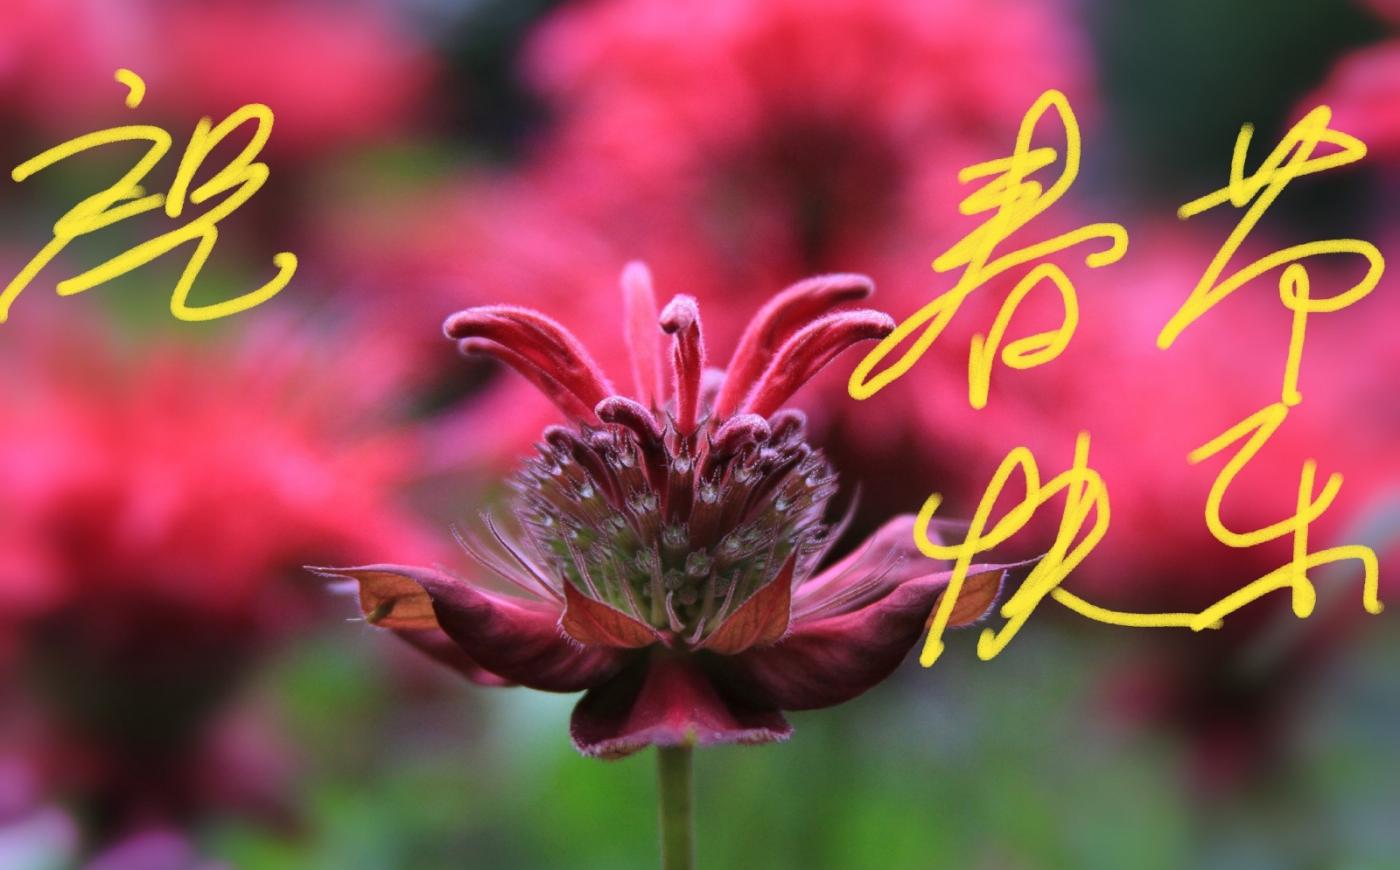 〔田螺攝影〕把祝福寫進花開里 新年好!_圖1-12